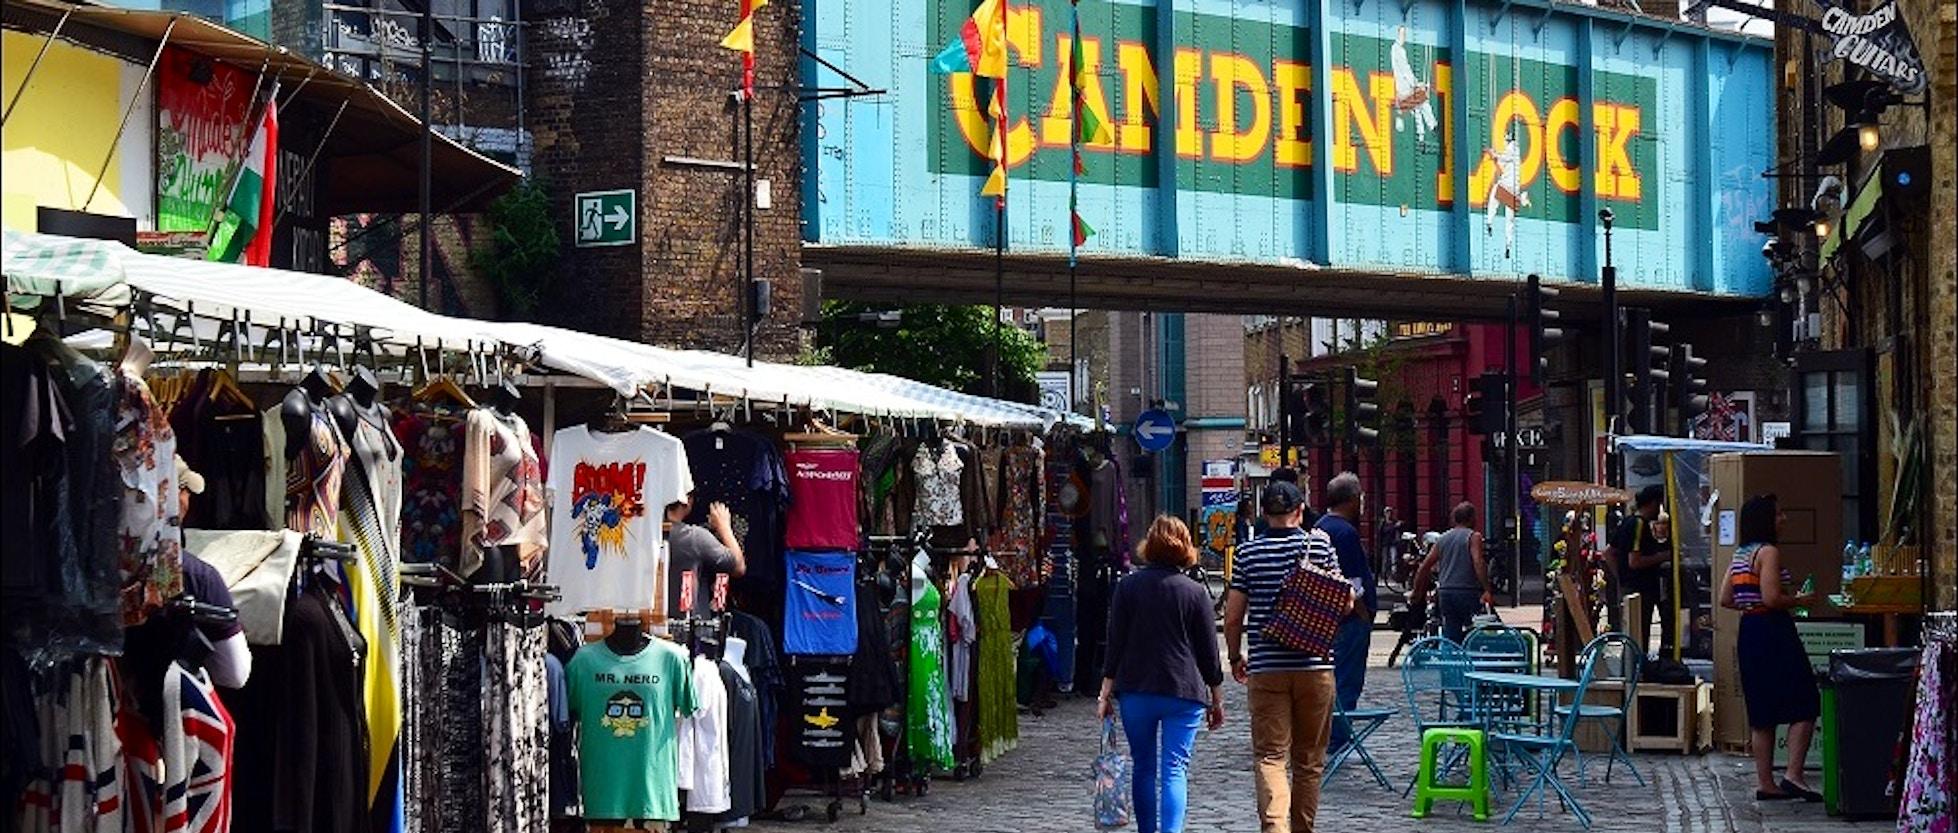 Guida ai migliori mercatini di abbigliamento a Londra  d9fe395e28c